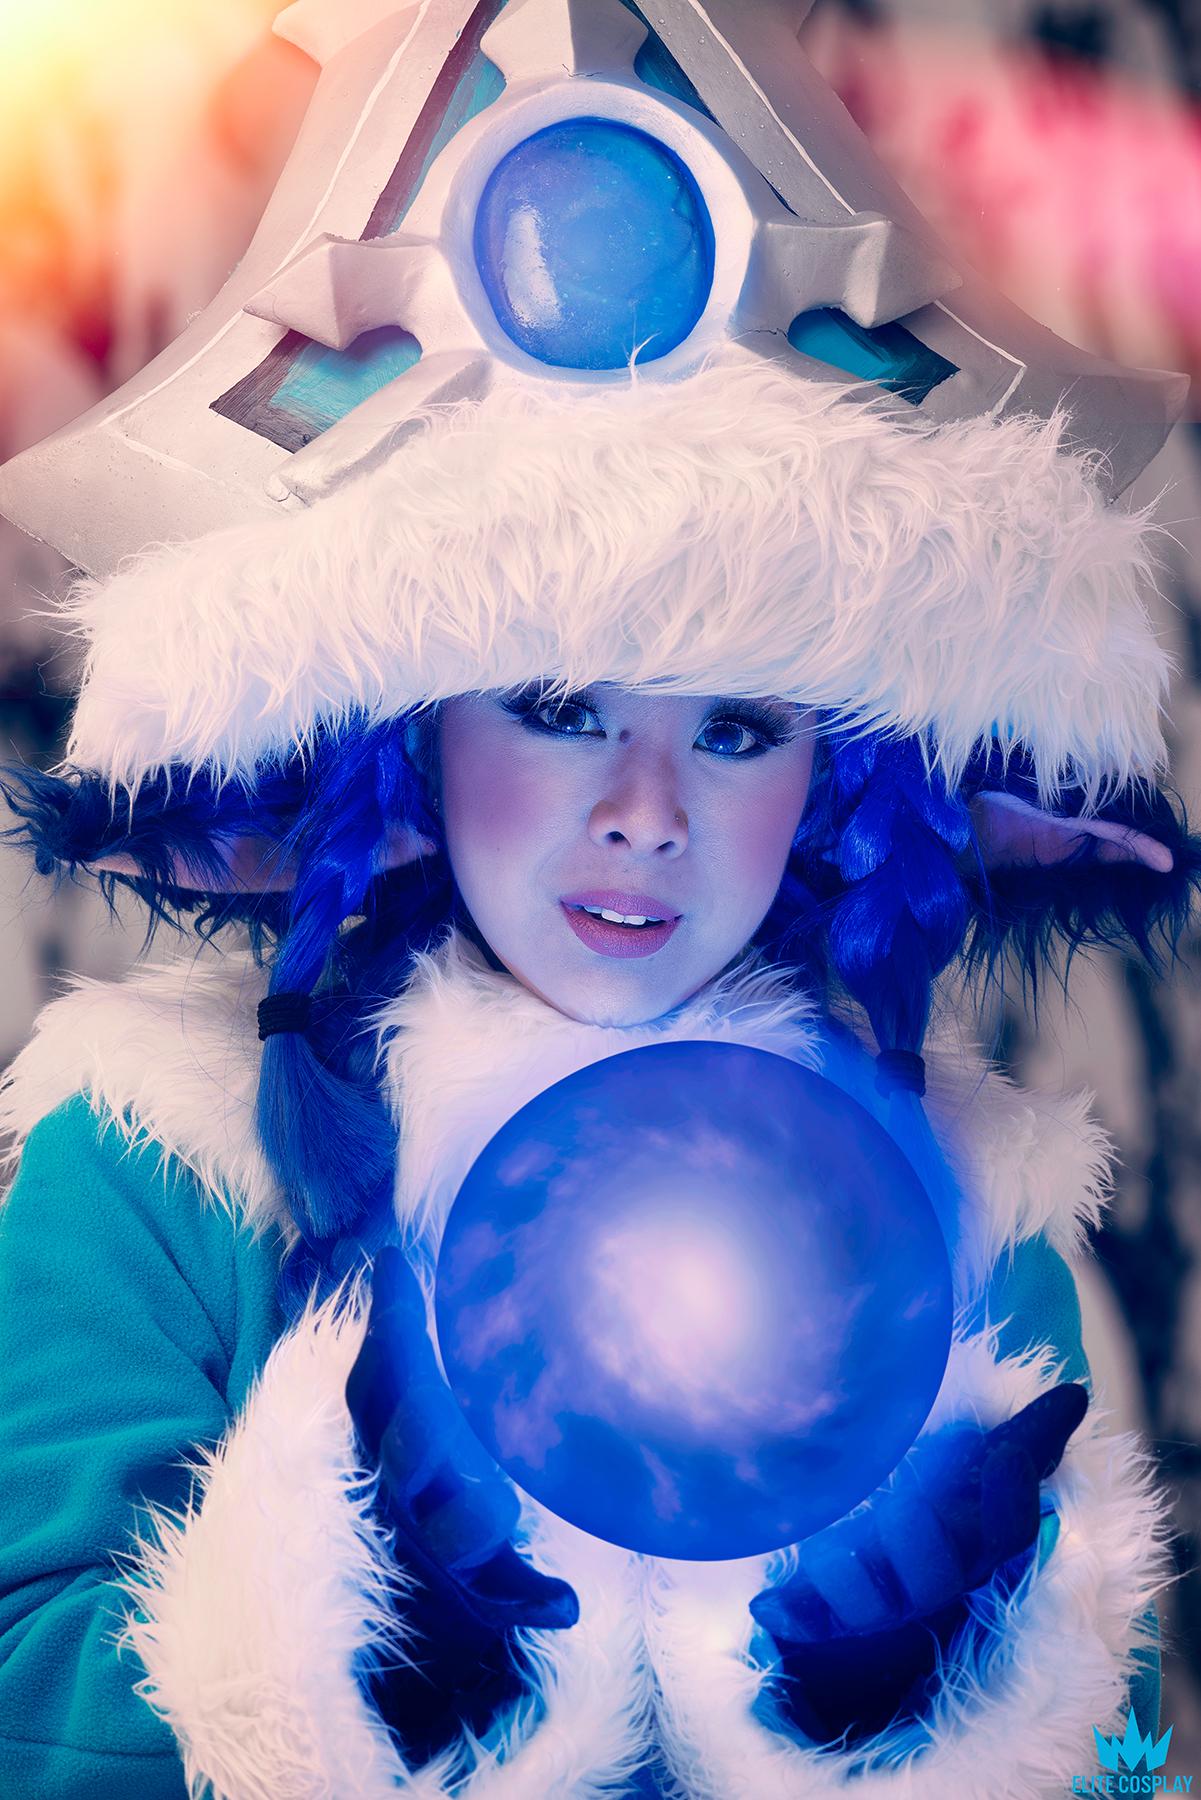 Winter Wonder Lulu Cosplay